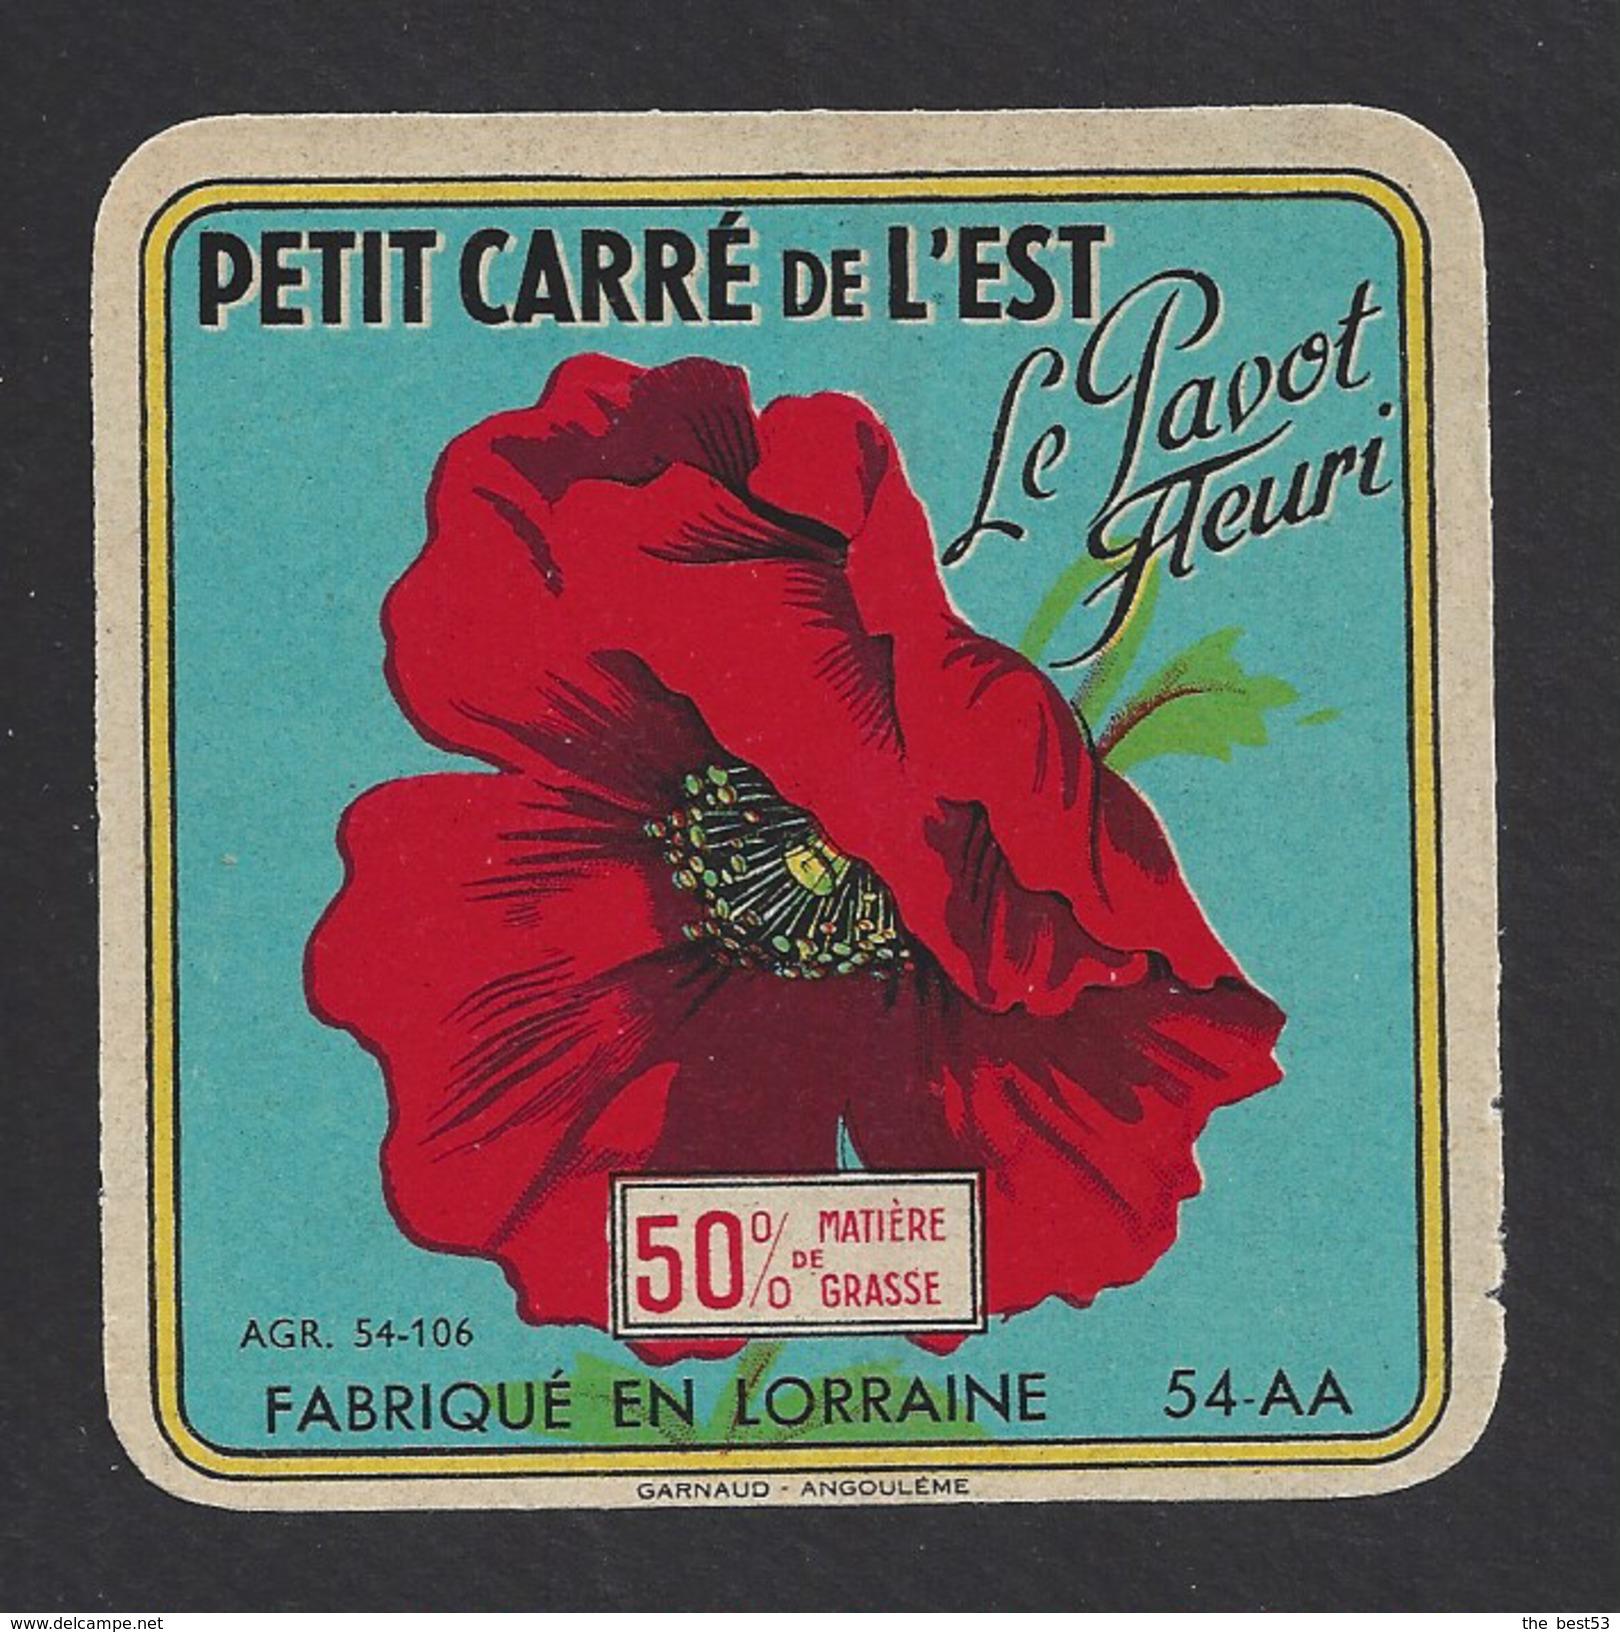 Etiquette De Fromage Petit Carré De L'Est  -  Le Pavot Fleuri   -   Laiterie Coopérative De Vézelise  (54 AA) - Fromage